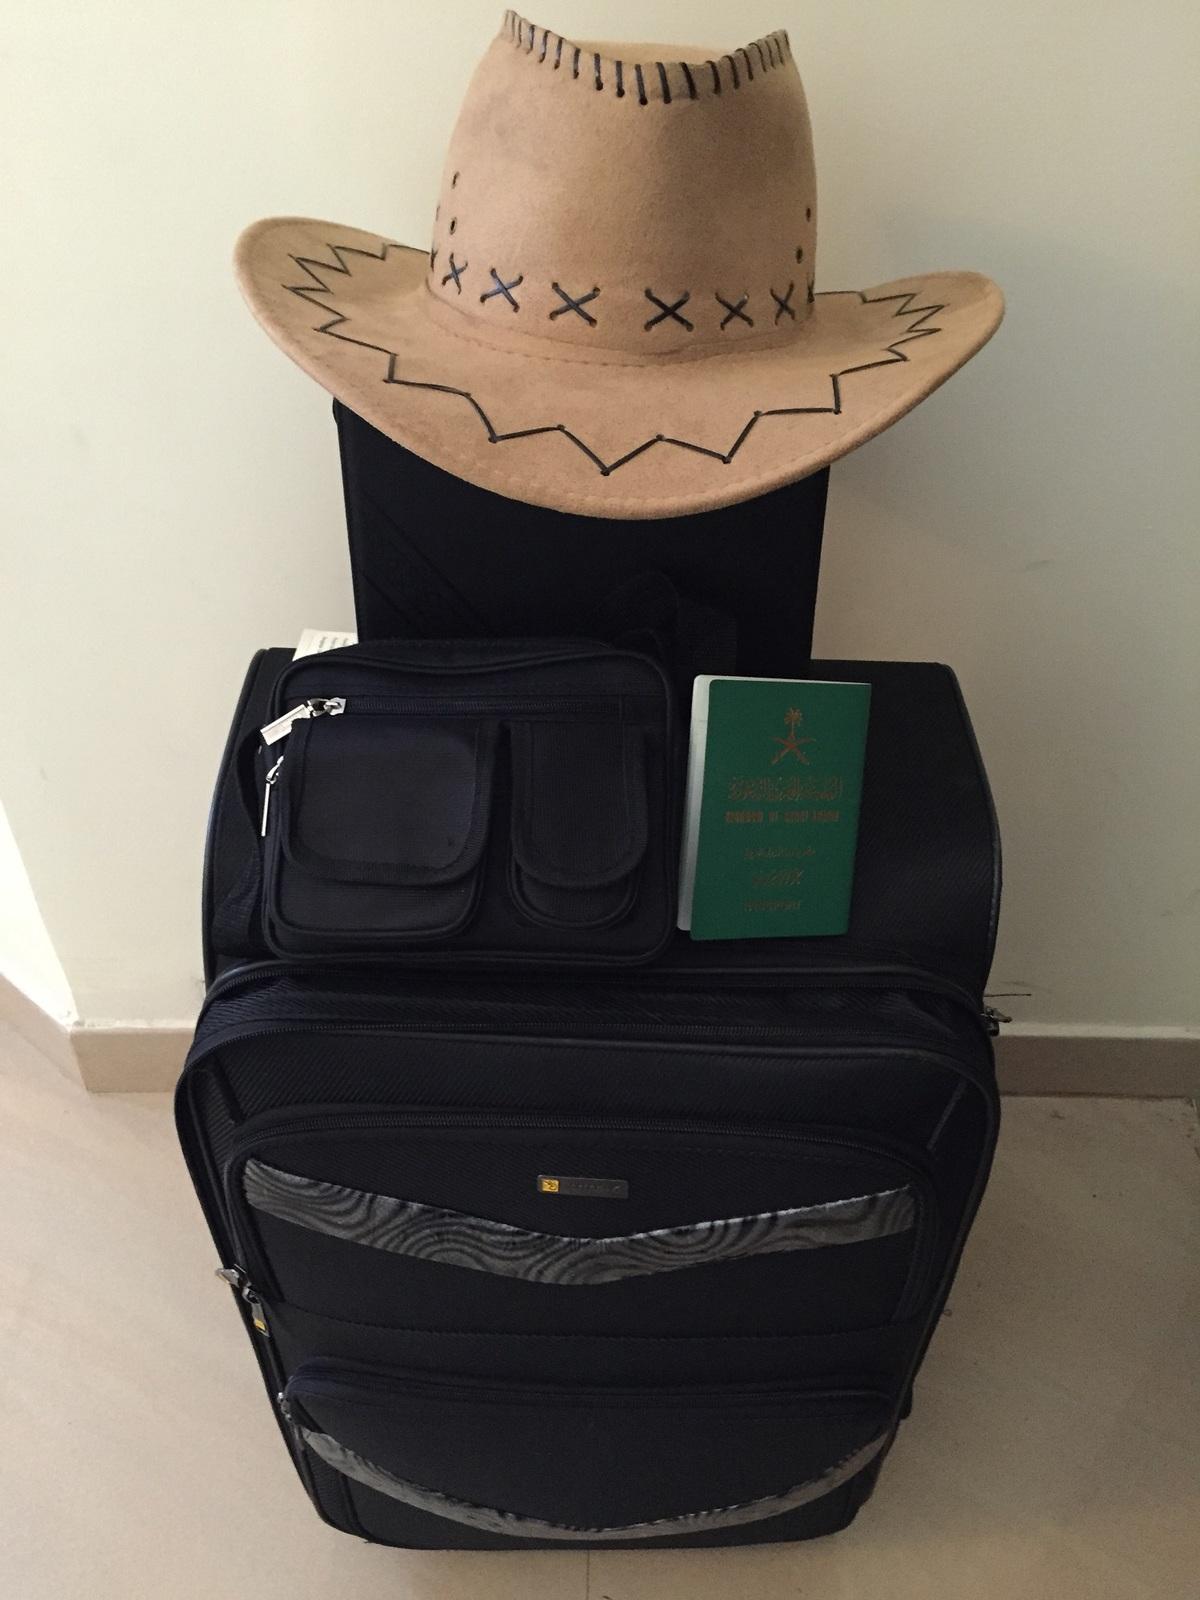 484677 المسافرون العرب منتجع ليك بالاس في اليبي